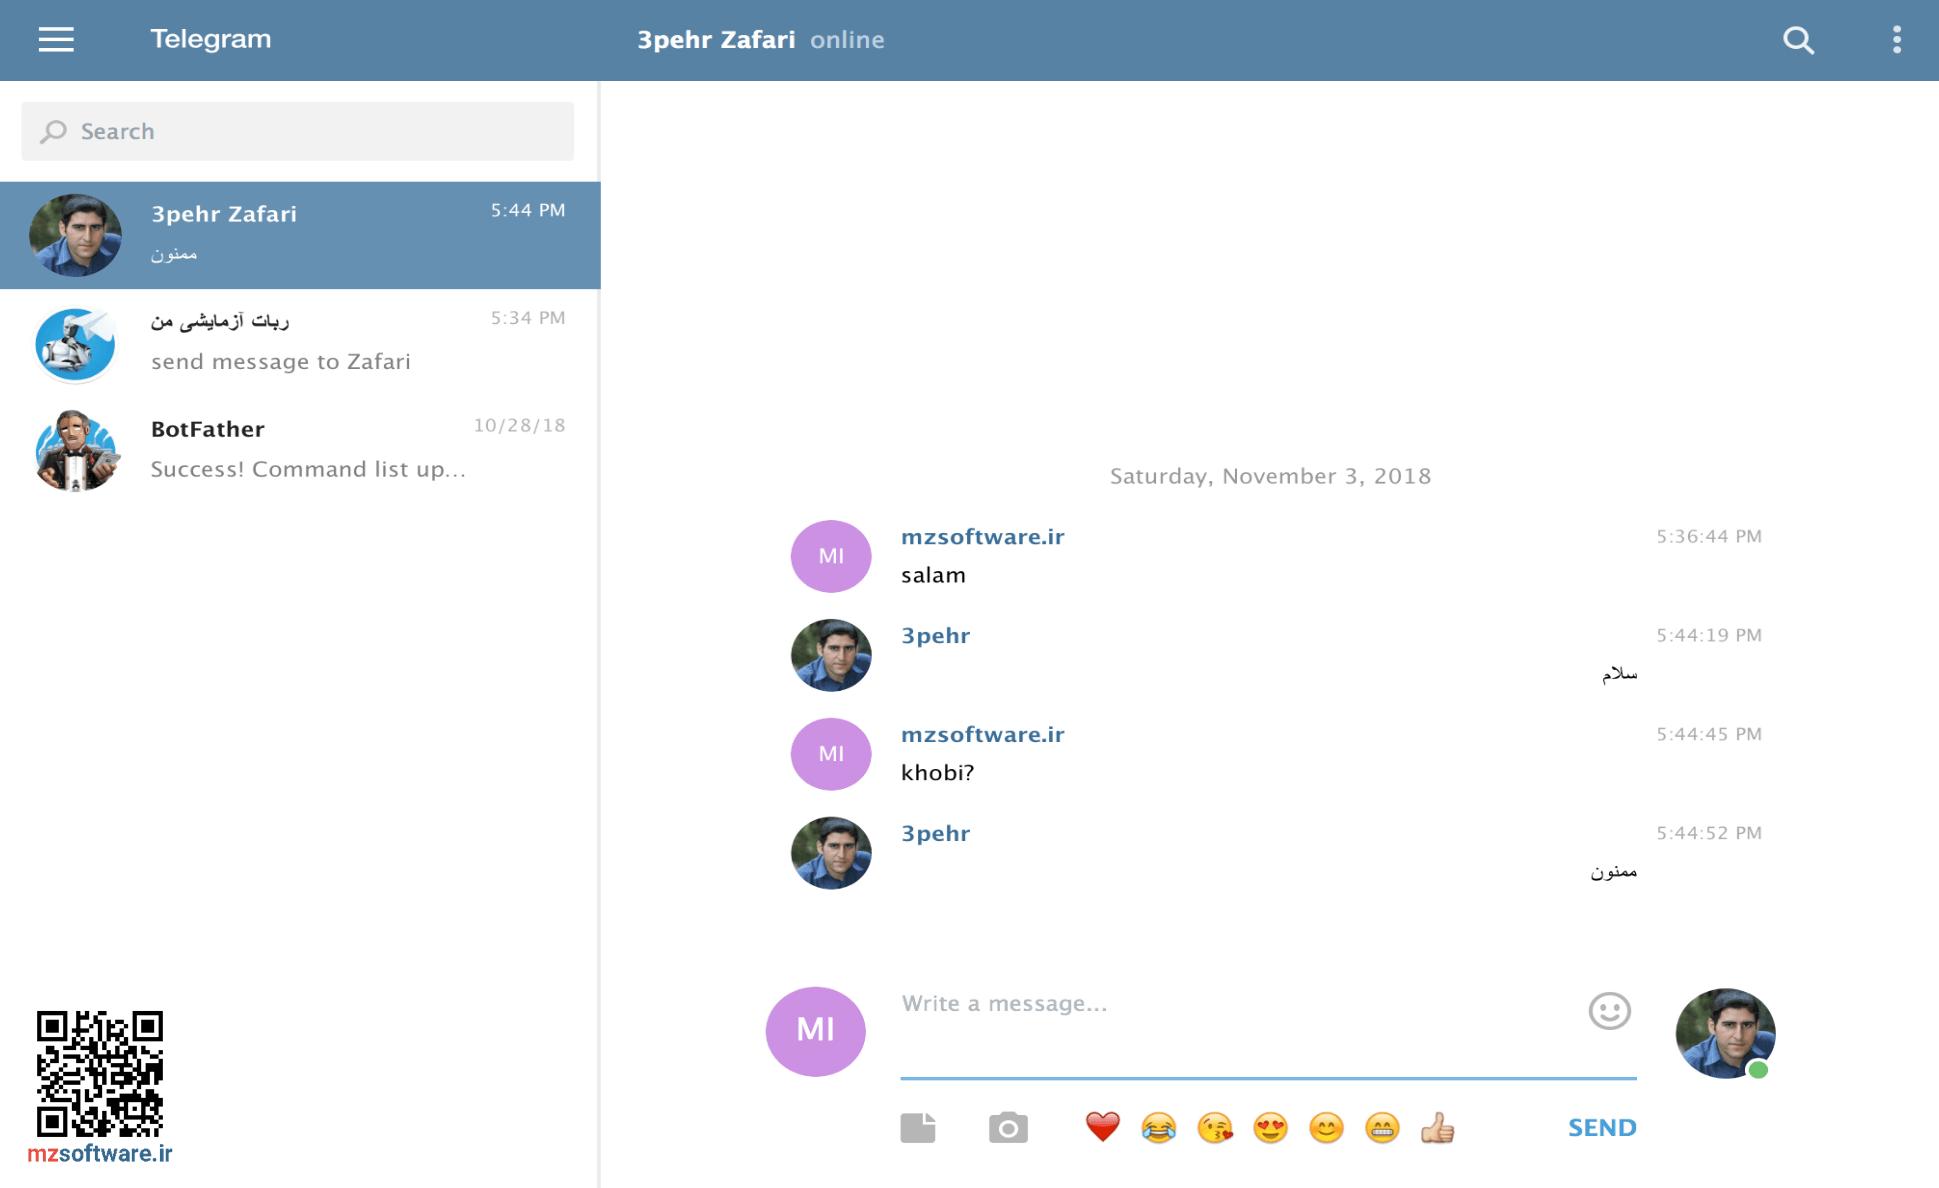 برقراری ارتباط با دیگر کاربران ربات به روش Markdown | قالب بندی متن در ربات تلگرام | آموزش ساخت ربات تلگرام | حرفه ای و متفاوت بیاموزید